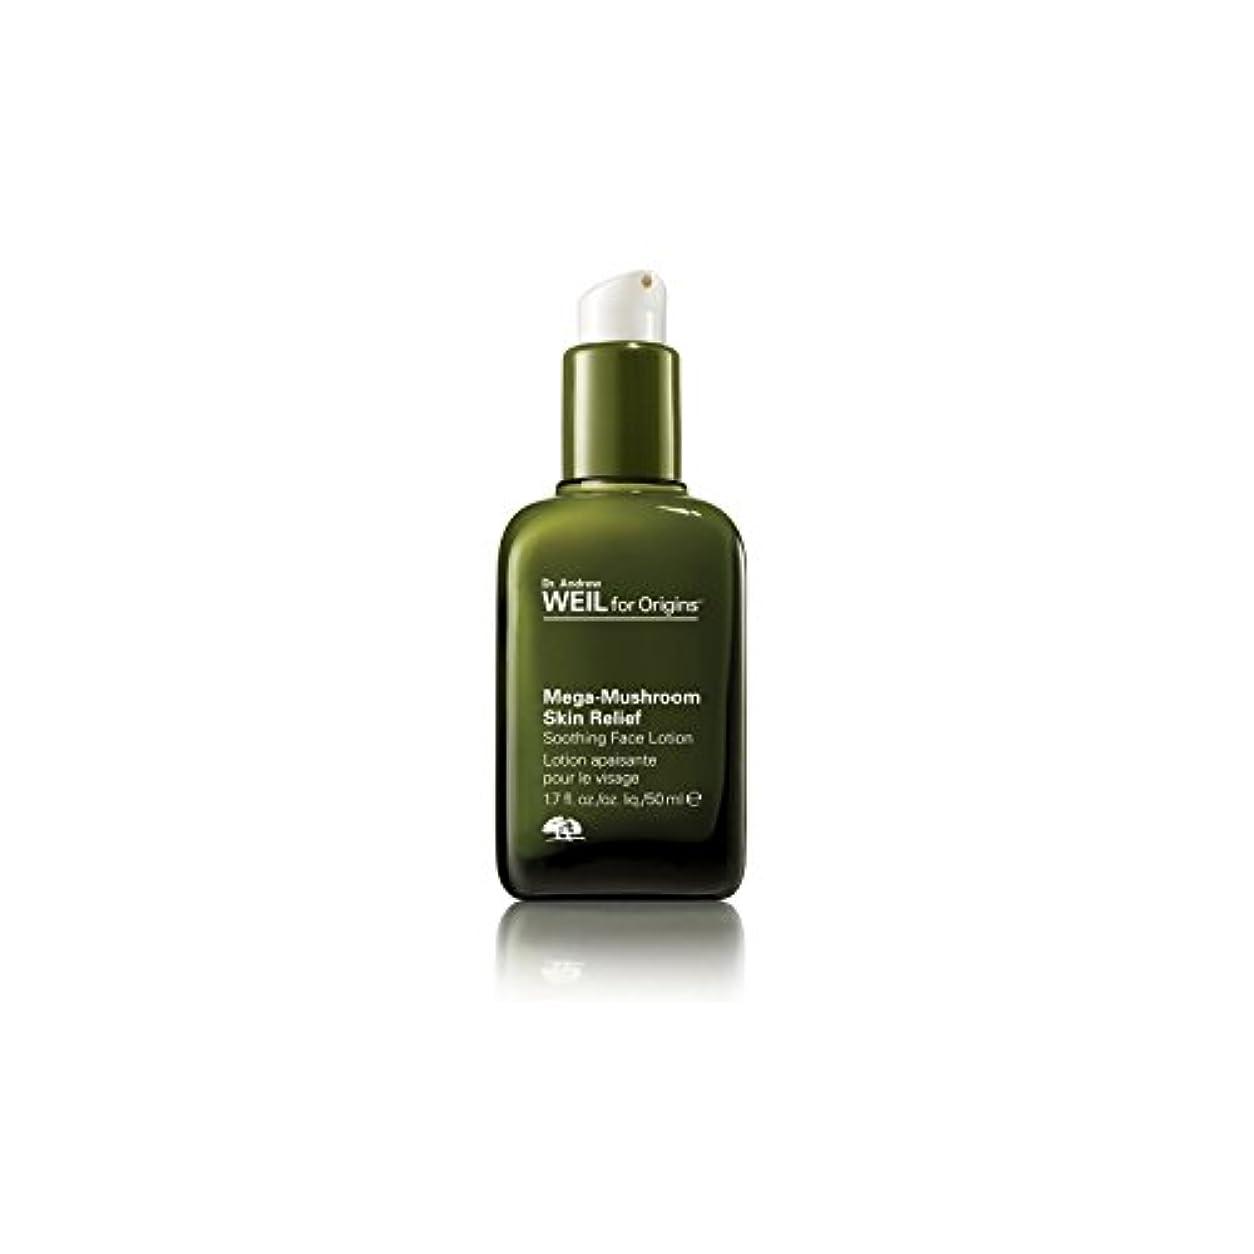 暴君世界アリスOrigins Dr. Andrew Weil For Origins Mega-Mushroom Skin Relief Soothing Face Lotion 50ml - 起源アンドルー?ワイル起源メガキノコ皮膚緩和...